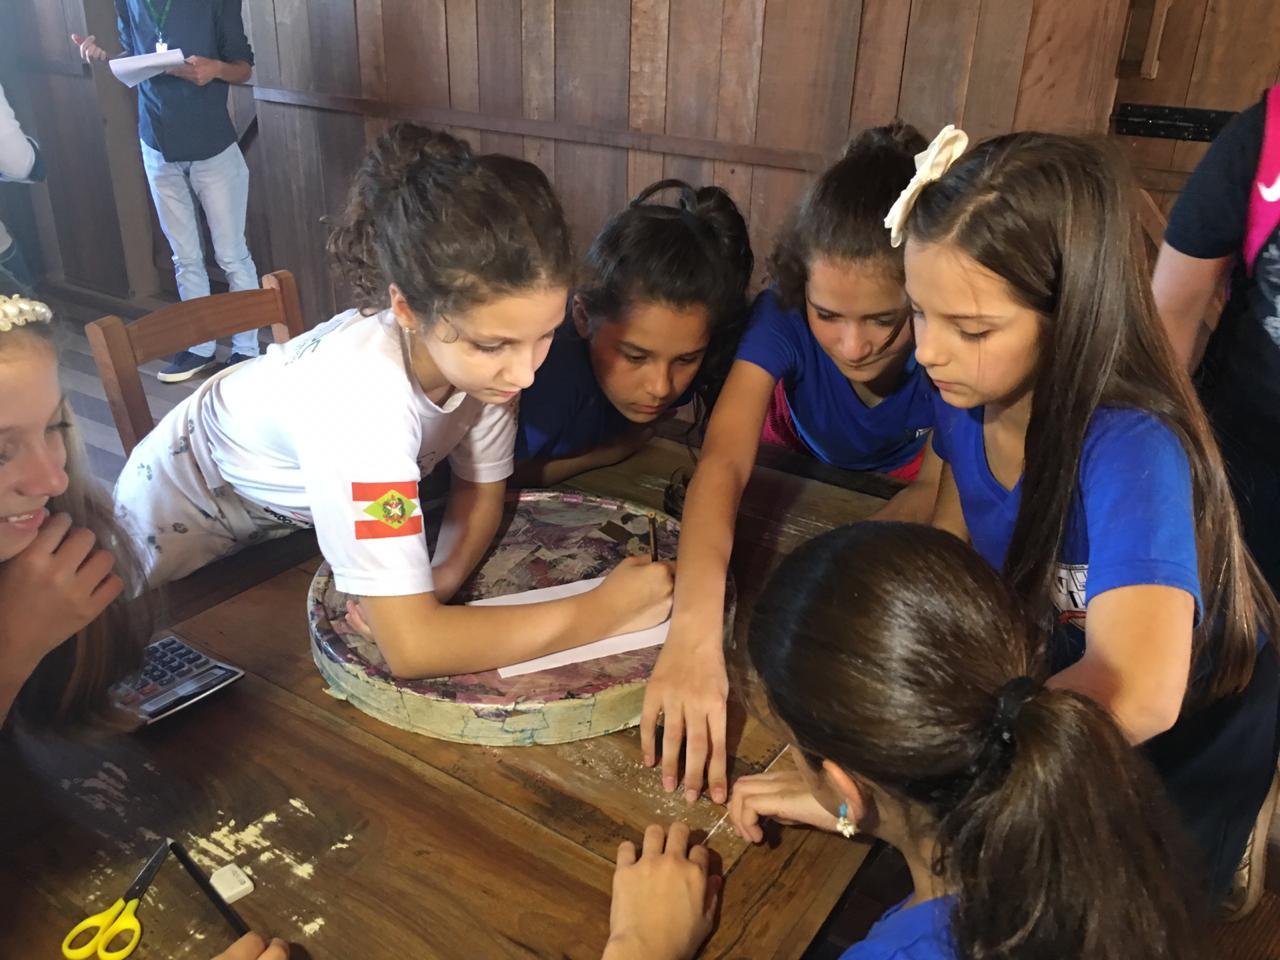 Prefeitura Municipal de Criciúma - Estudantes aliam teoria e prática em aula de Matemática na atafona do Parque dos Imigrantes